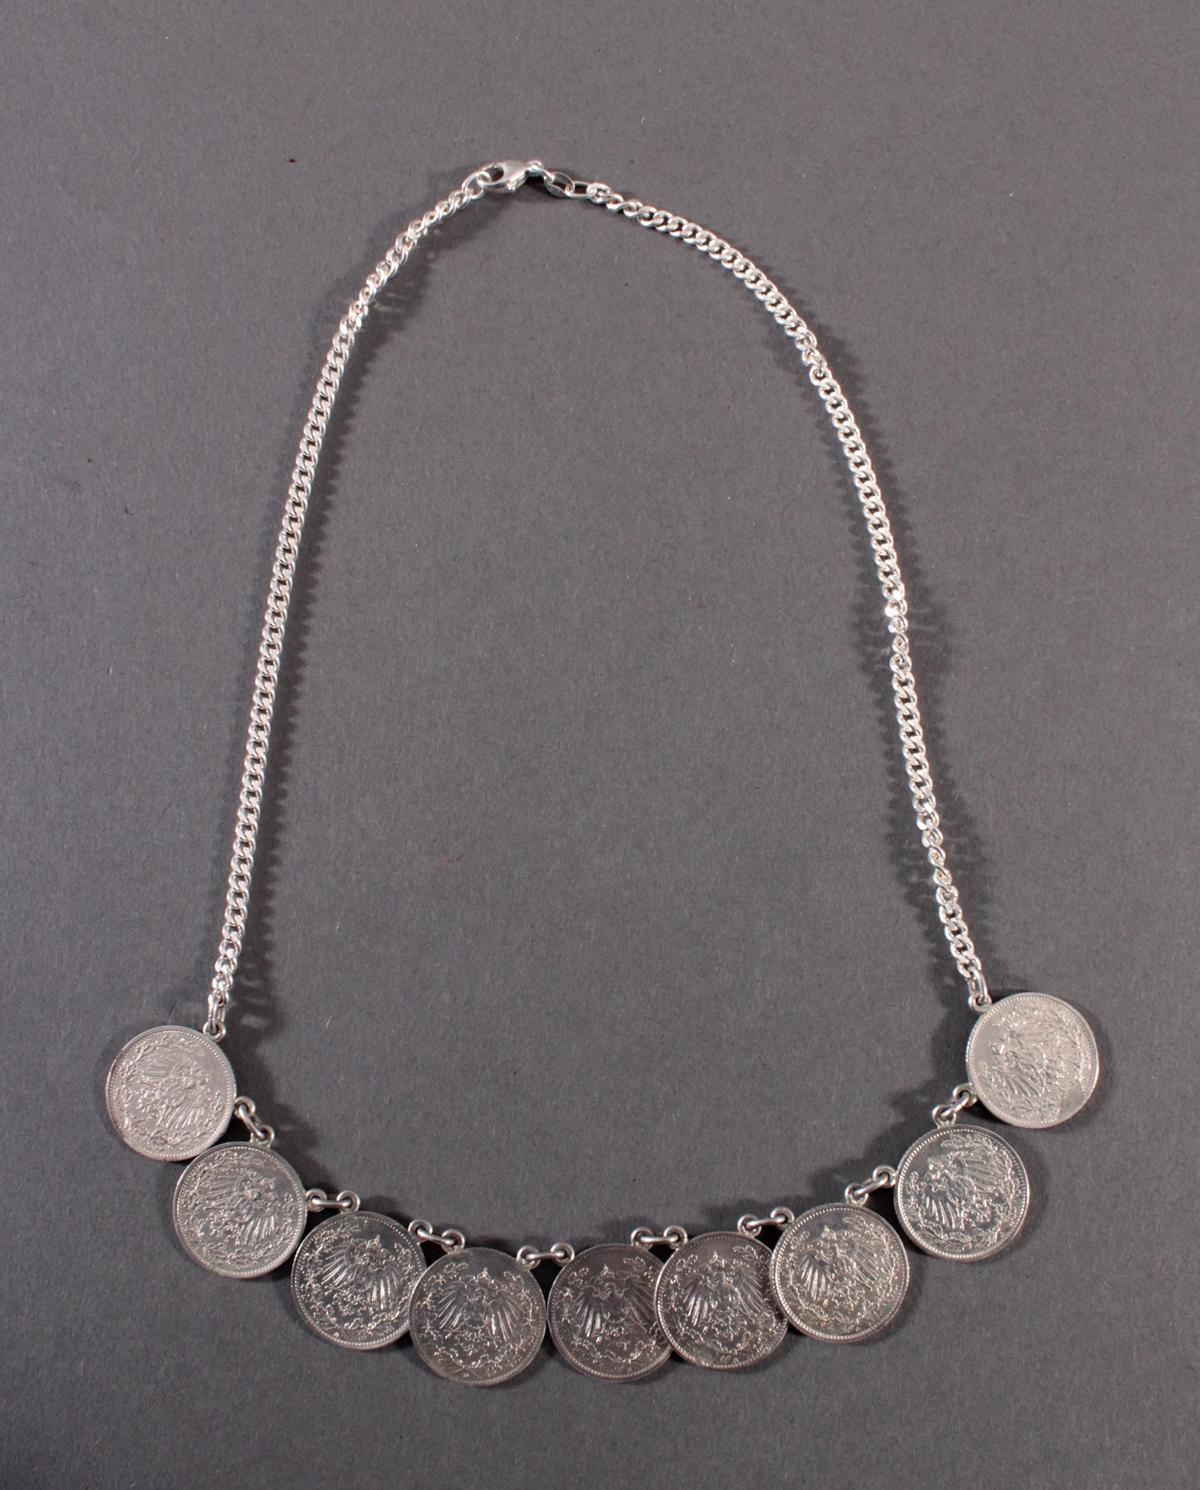 Halskette mit Silbermünzen